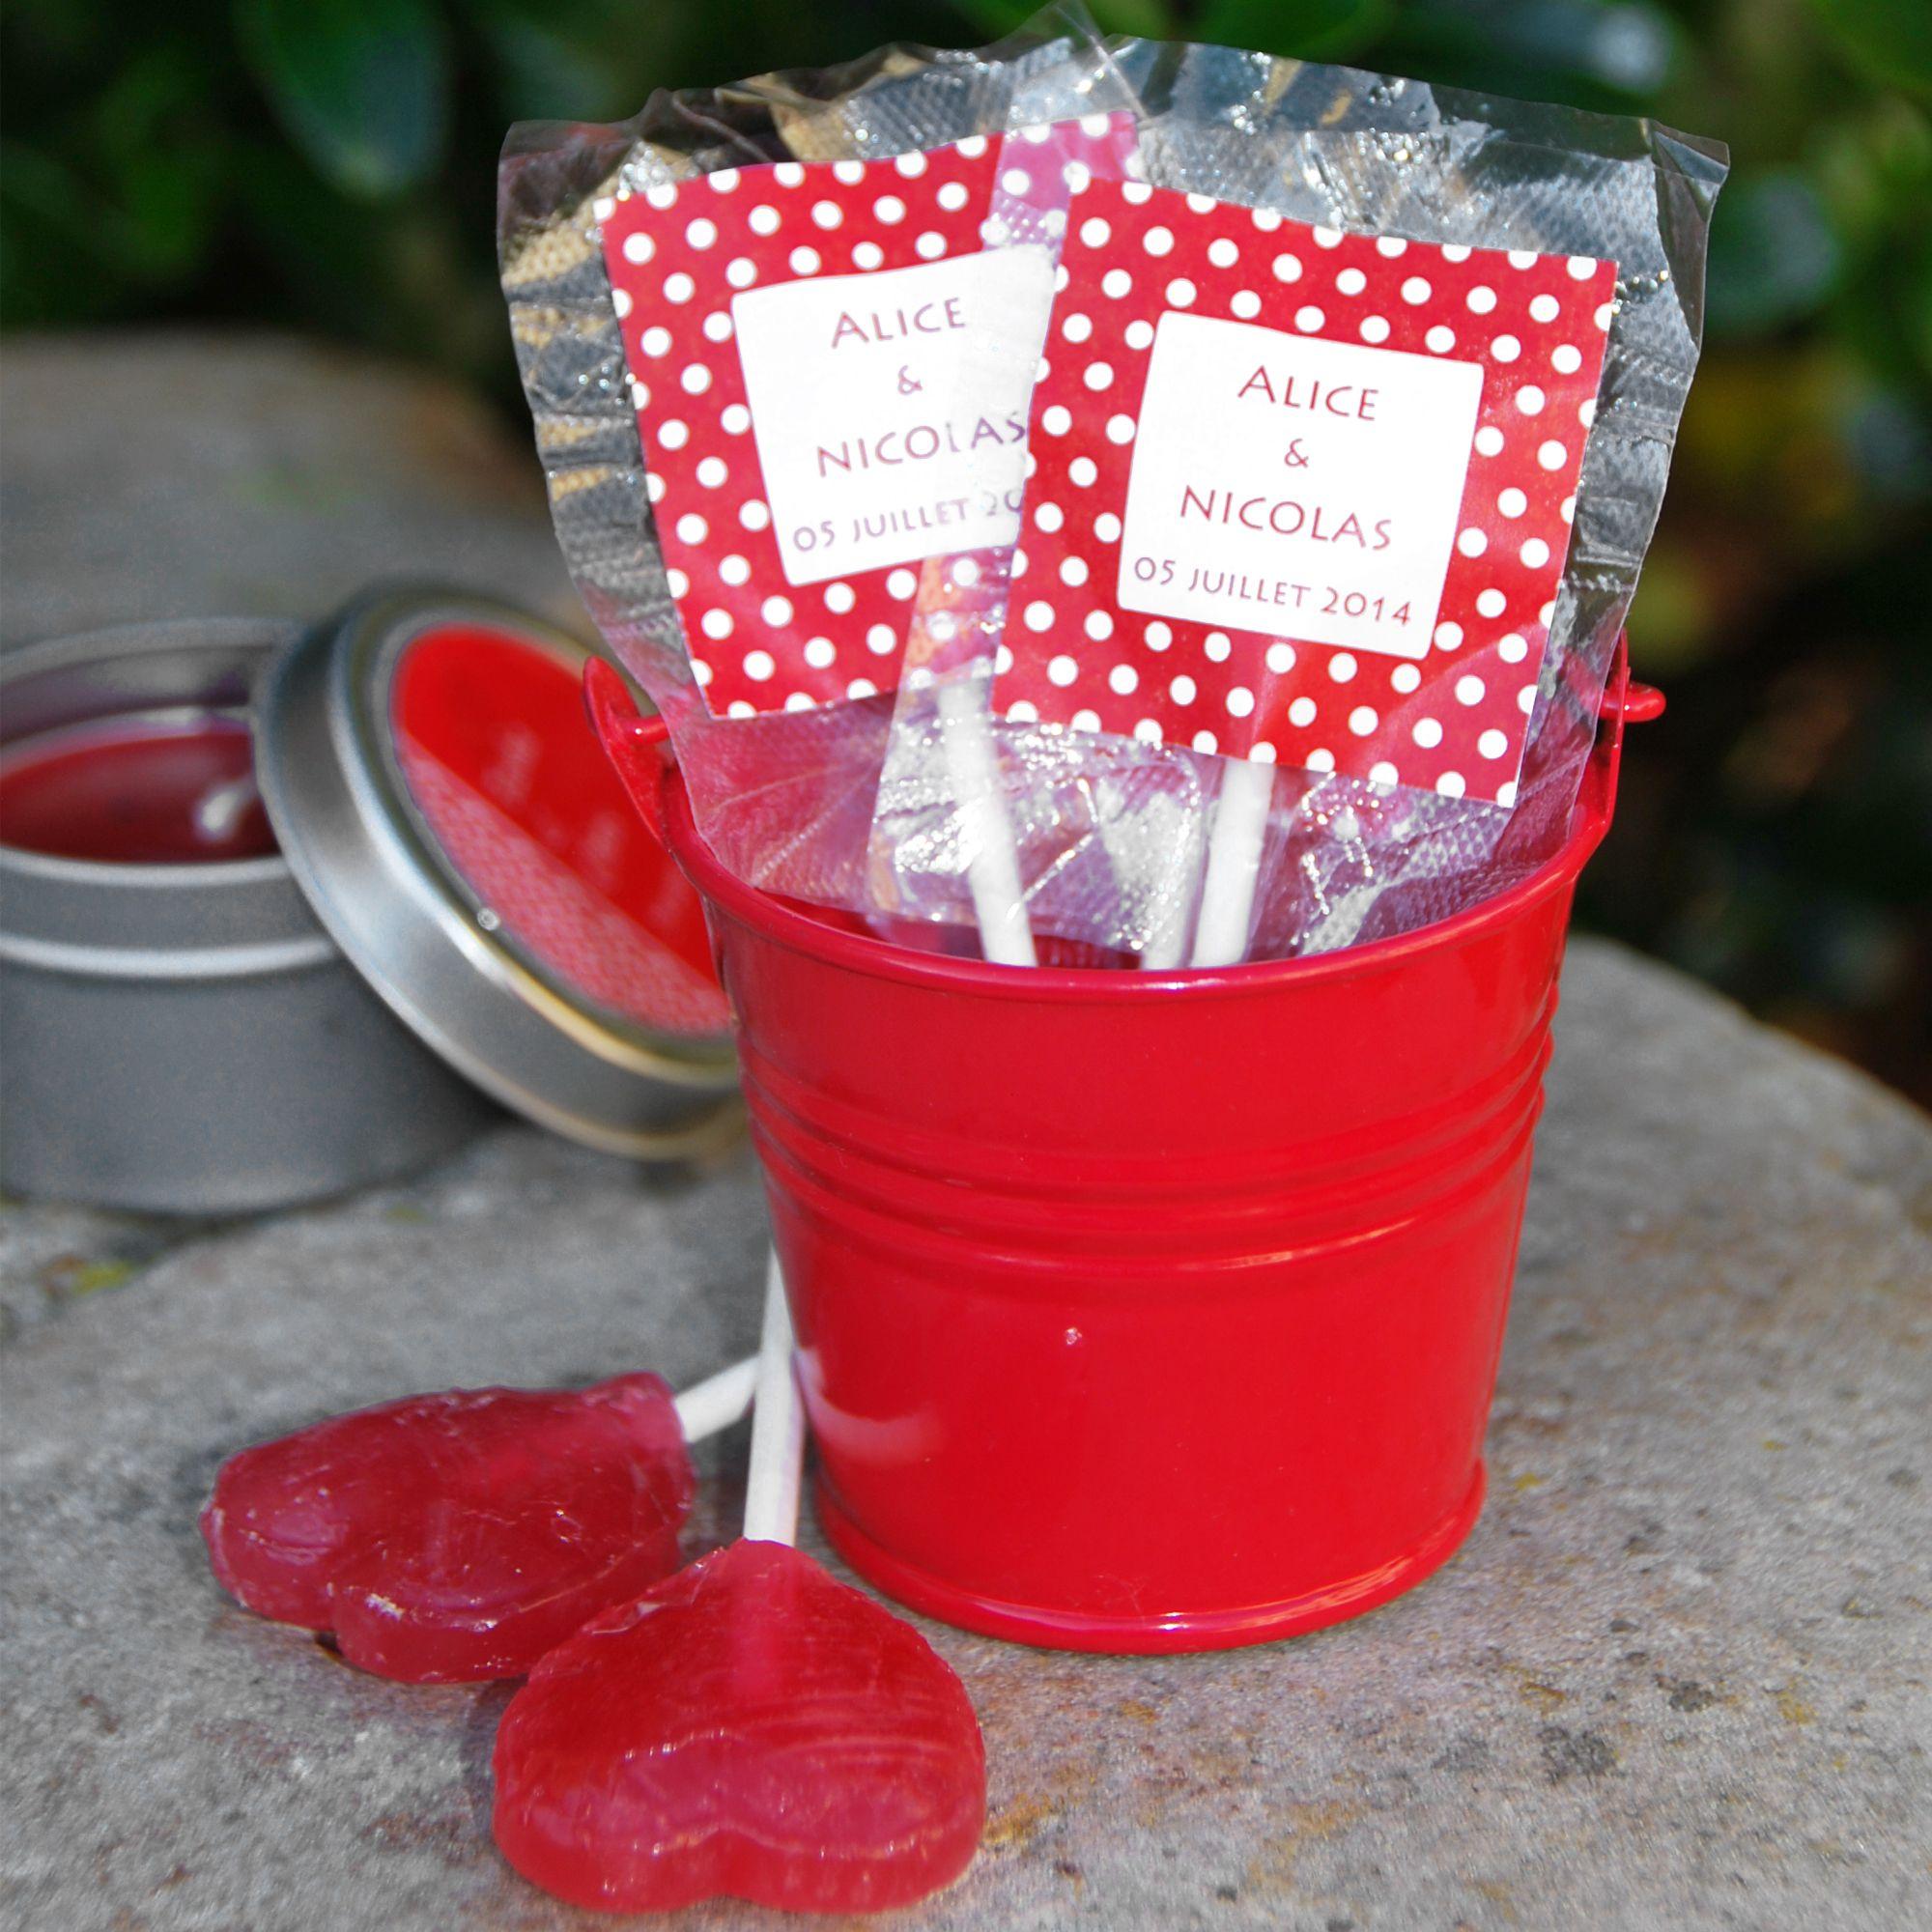 sucette coeur personnalis e aux pr noms des mari s bonbons candy bar mariage cadeau invit s. Black Bedroom Furniture Sets. Home Design Ideas